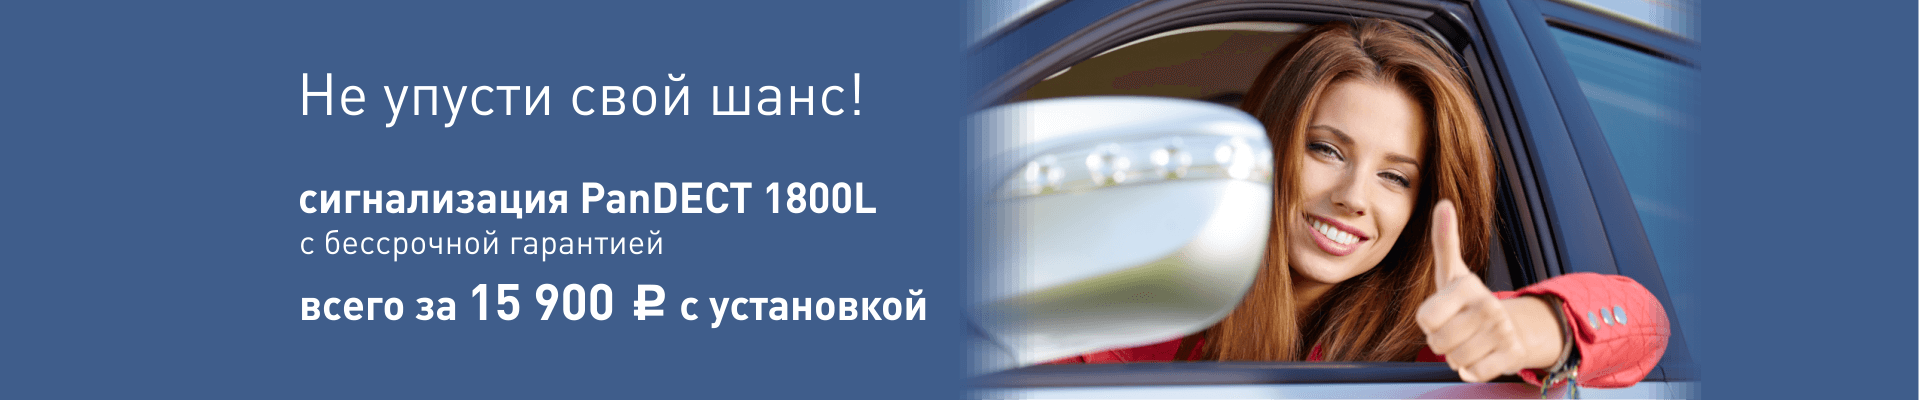 PanDECT x1800 L